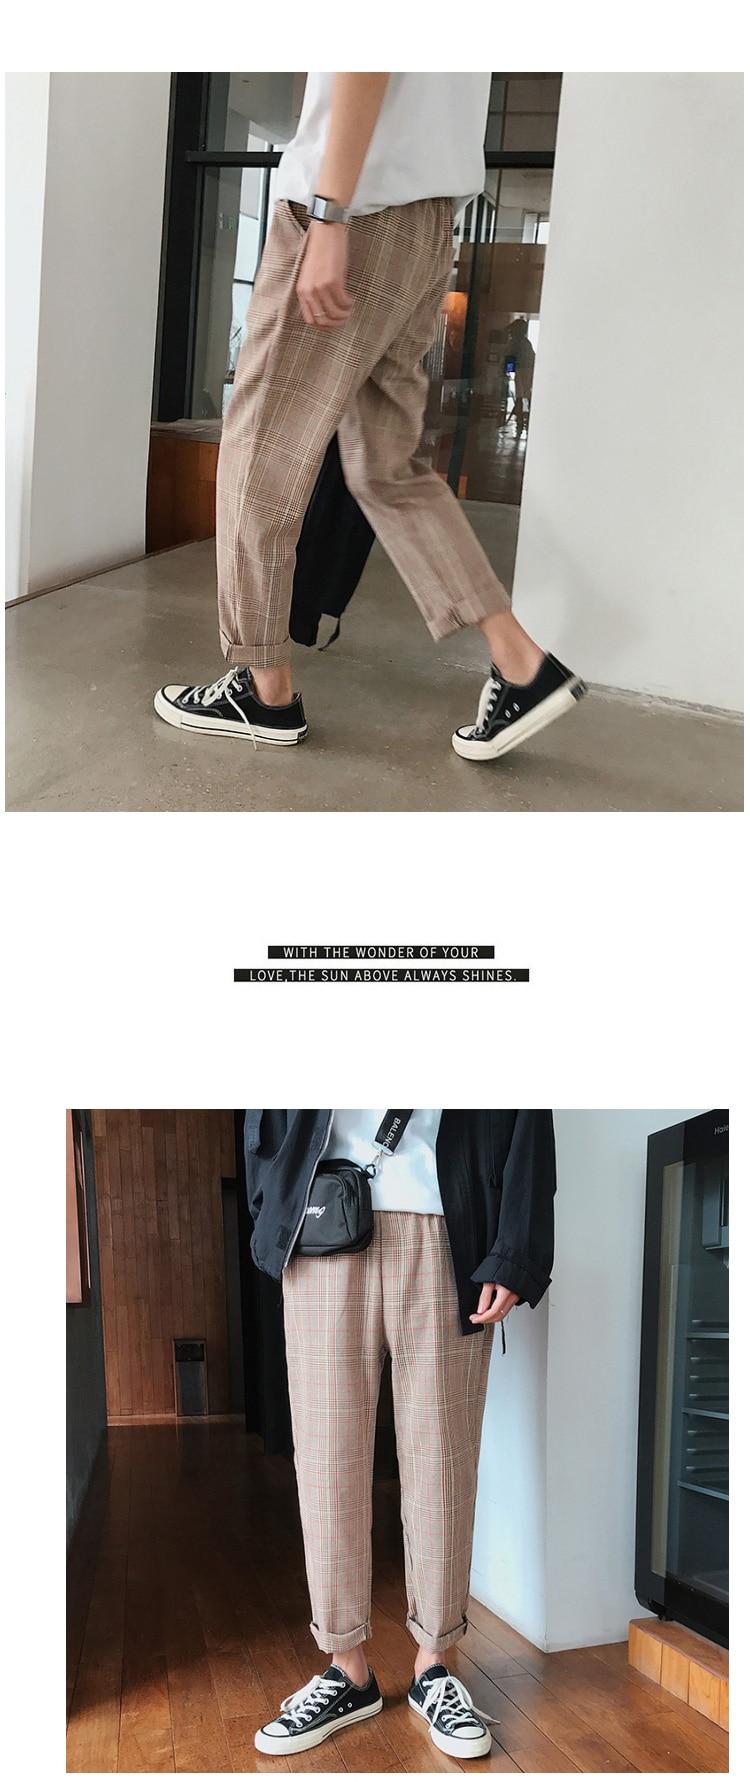 HTB1e79GbznuK1RkSmFPq6AuzFXab LAPPSTER Streetwear Yellow Plaid Pants Men Joggers 2019 Man Casual Straight Harem Pants Men Korean Hip Hop Track Pants Plus Size